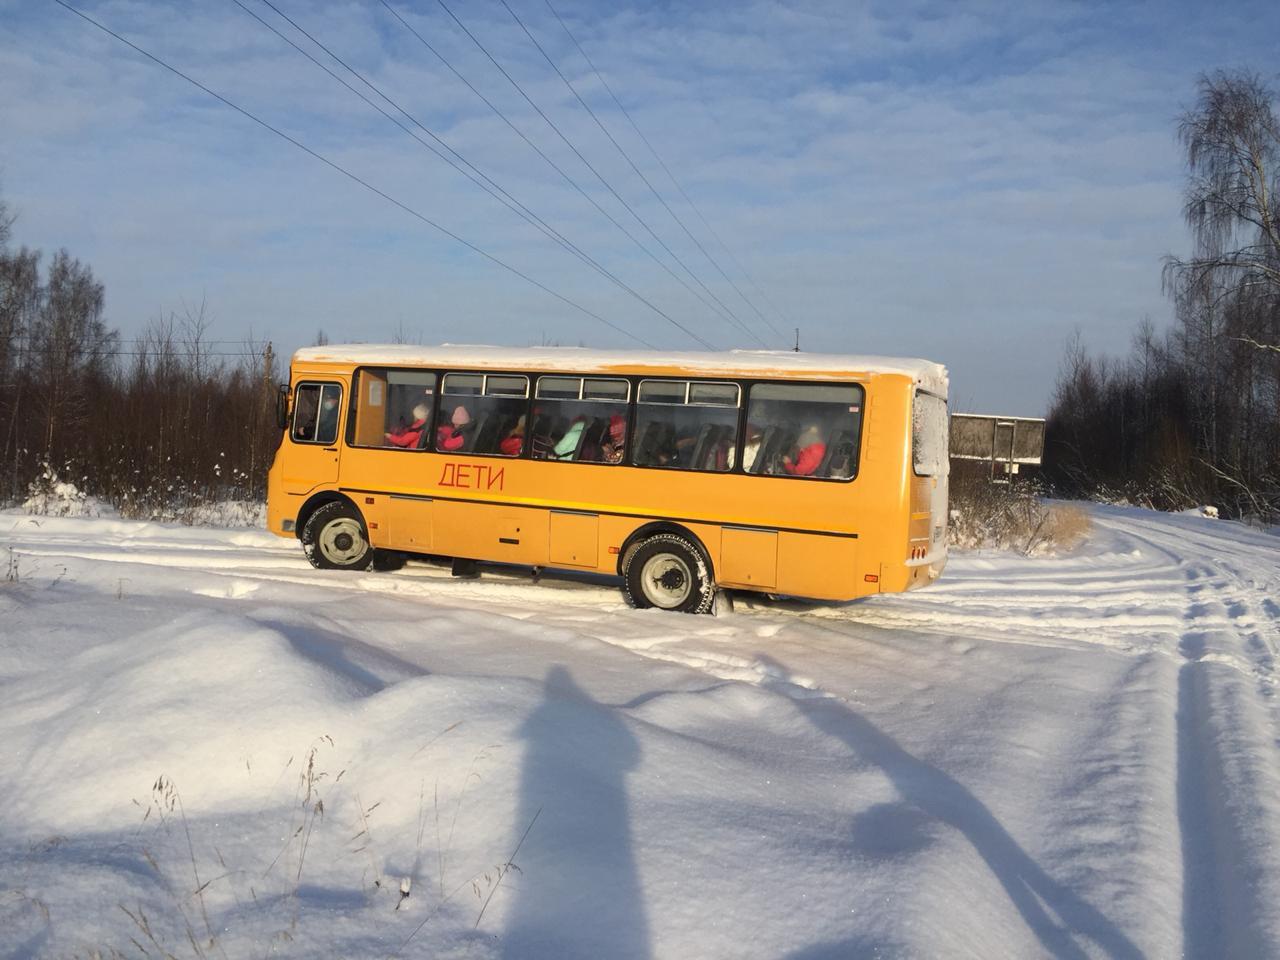 Сельских школьников доставляют к месту учебы на новых автобусах